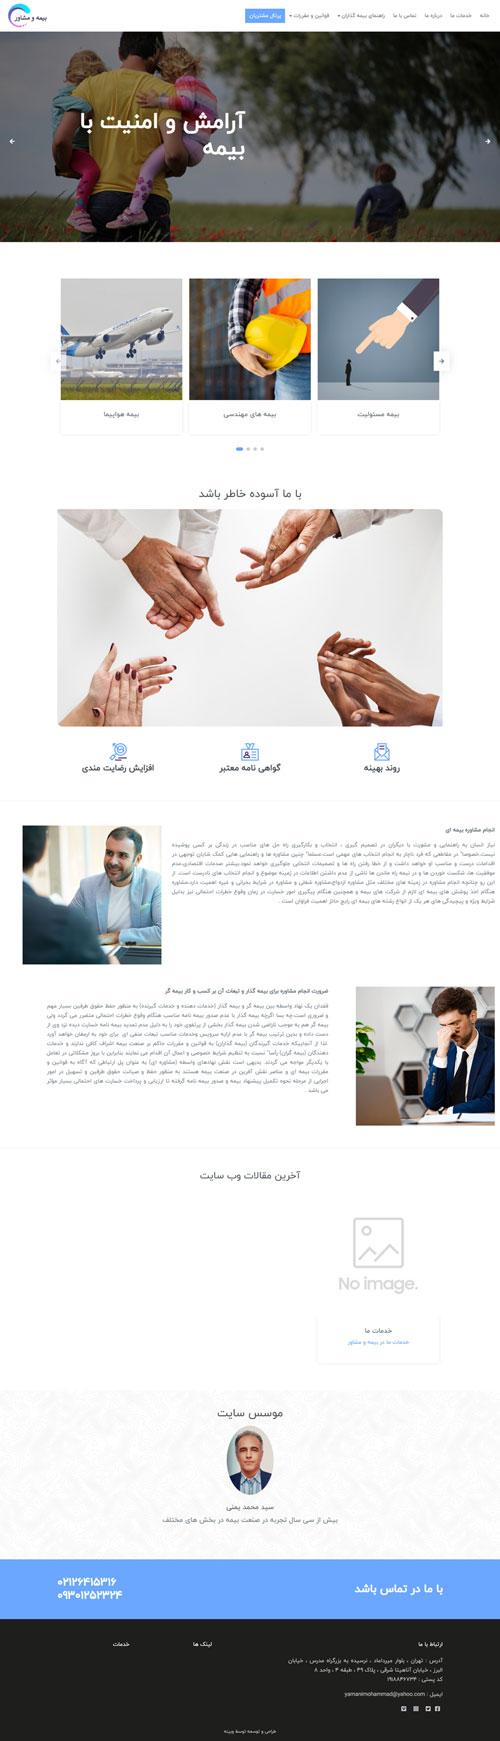 طراحی-سایت-بیمه-و-مشاور